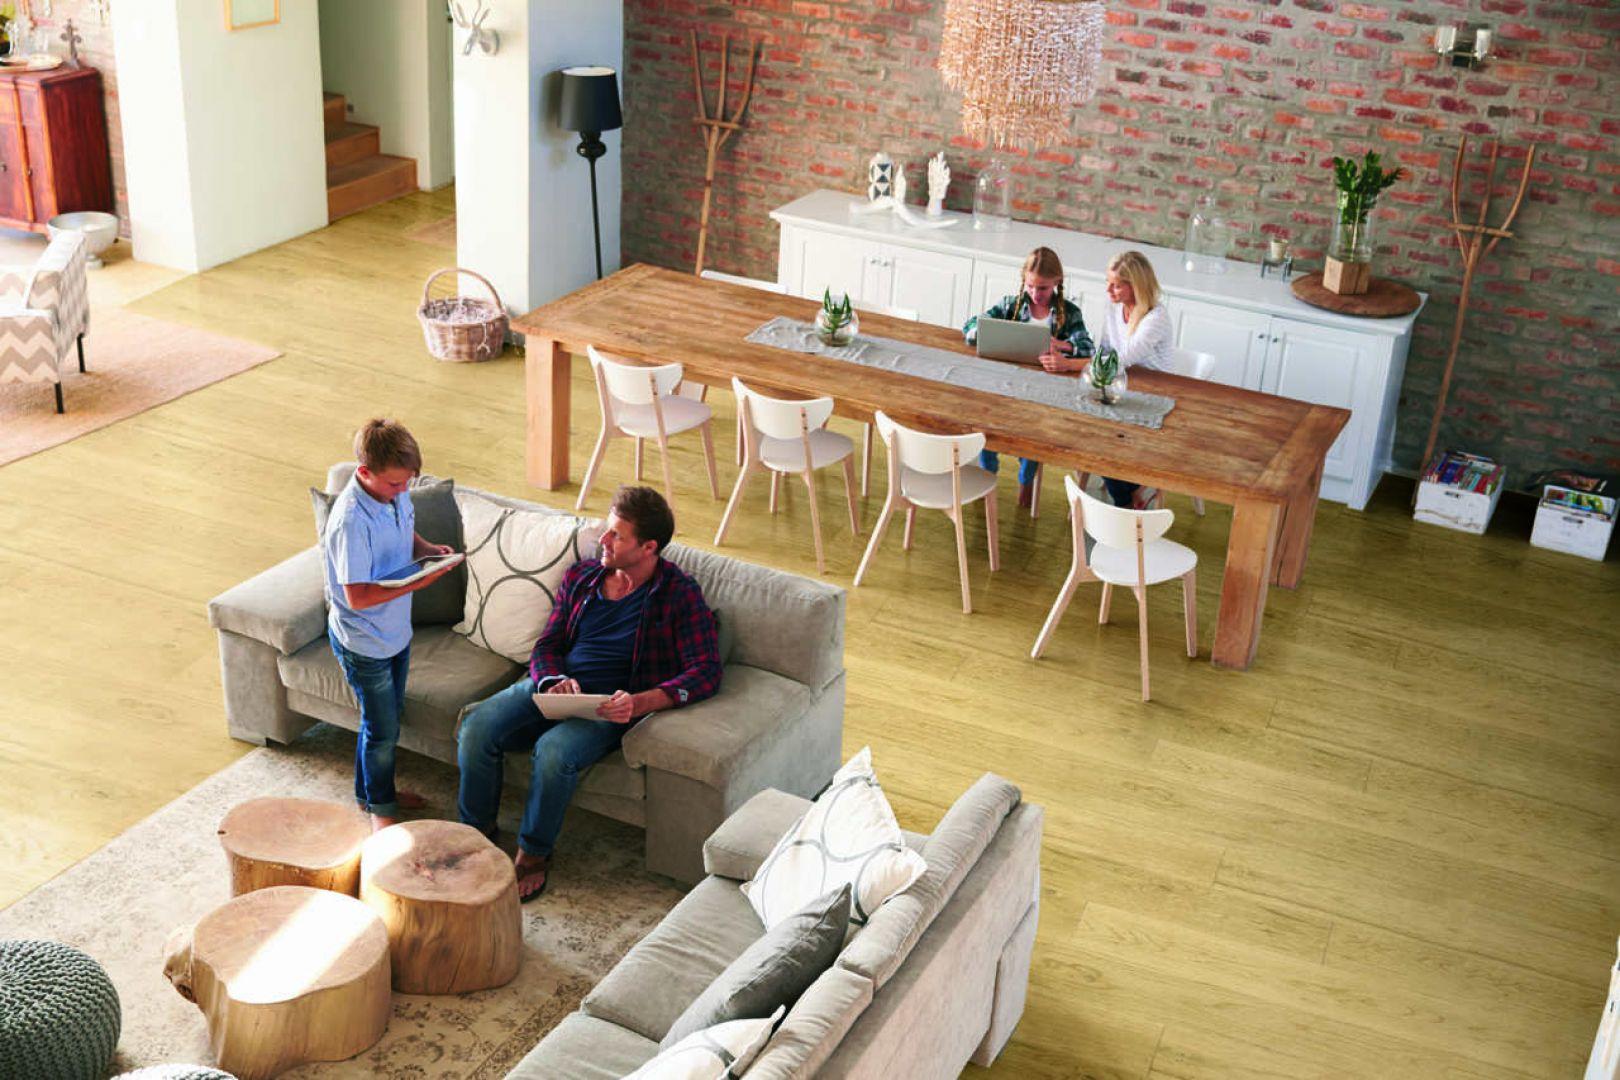 Drewniana podłoga to prosty sposób na eleganckie wnętrze w klasycznym stylu, ale też świetne uzupełnienie nowoczesnych aranżacji, w których marzy nam się duża dawka domowego ciepła. Na zdjęciu: podłoga z kolekcji Deco line honey. Fot. DLH